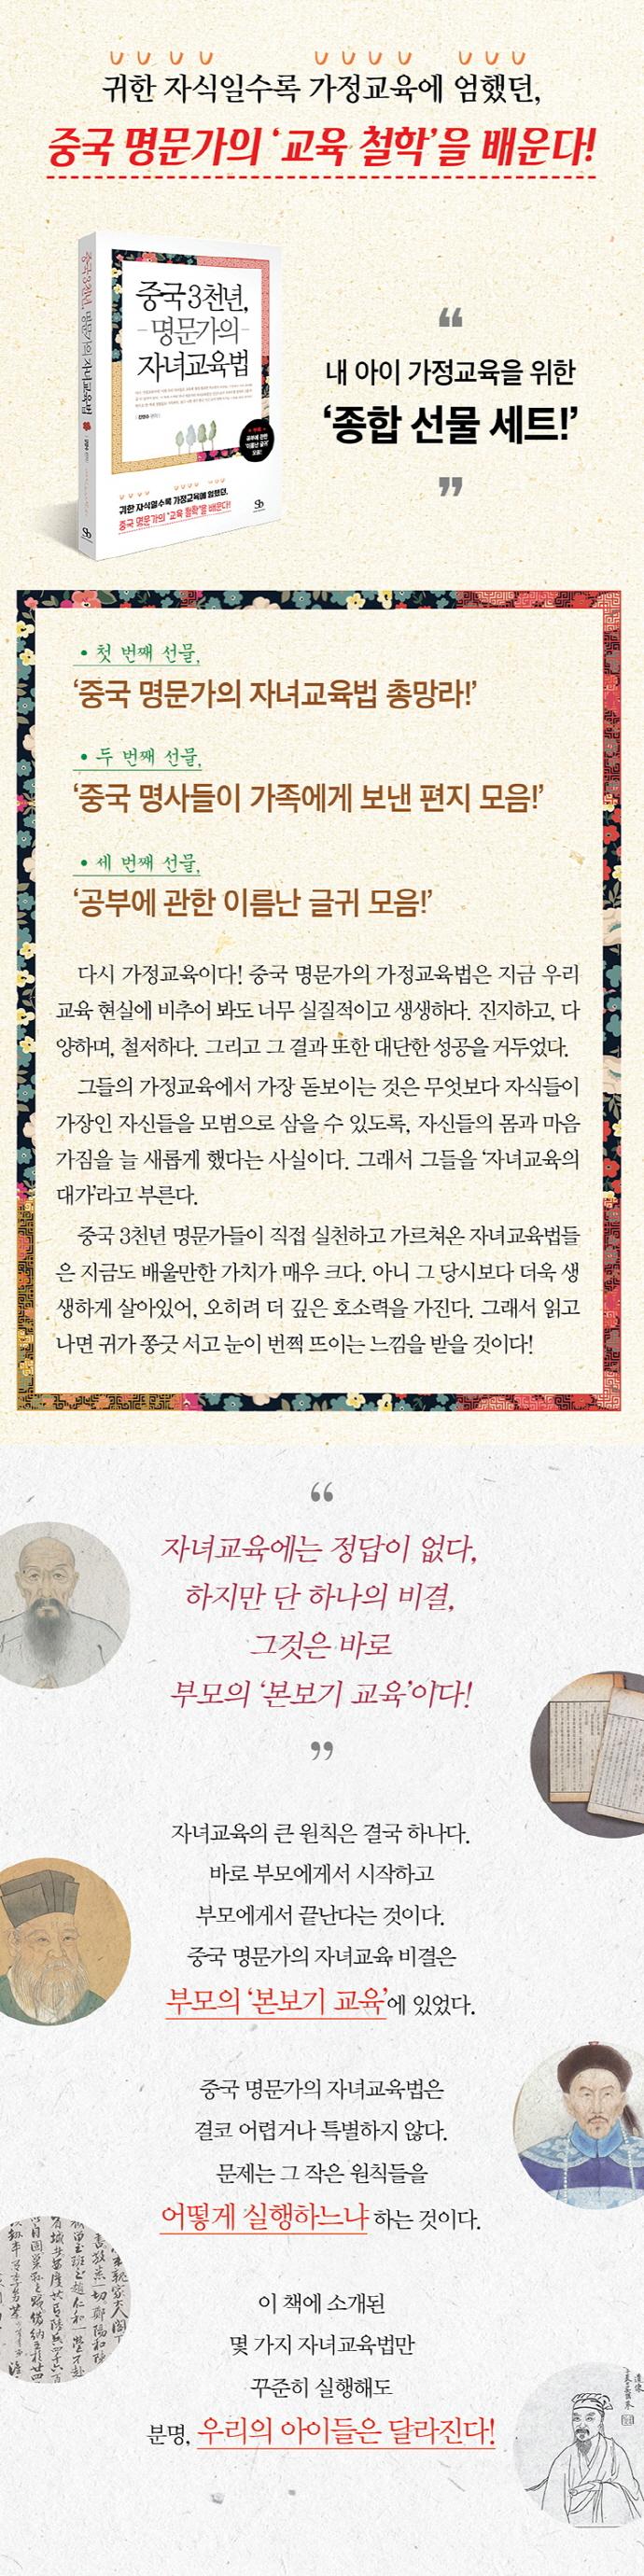 중국 3천년, 명문가의 자녀교육법 도서 상세이미지